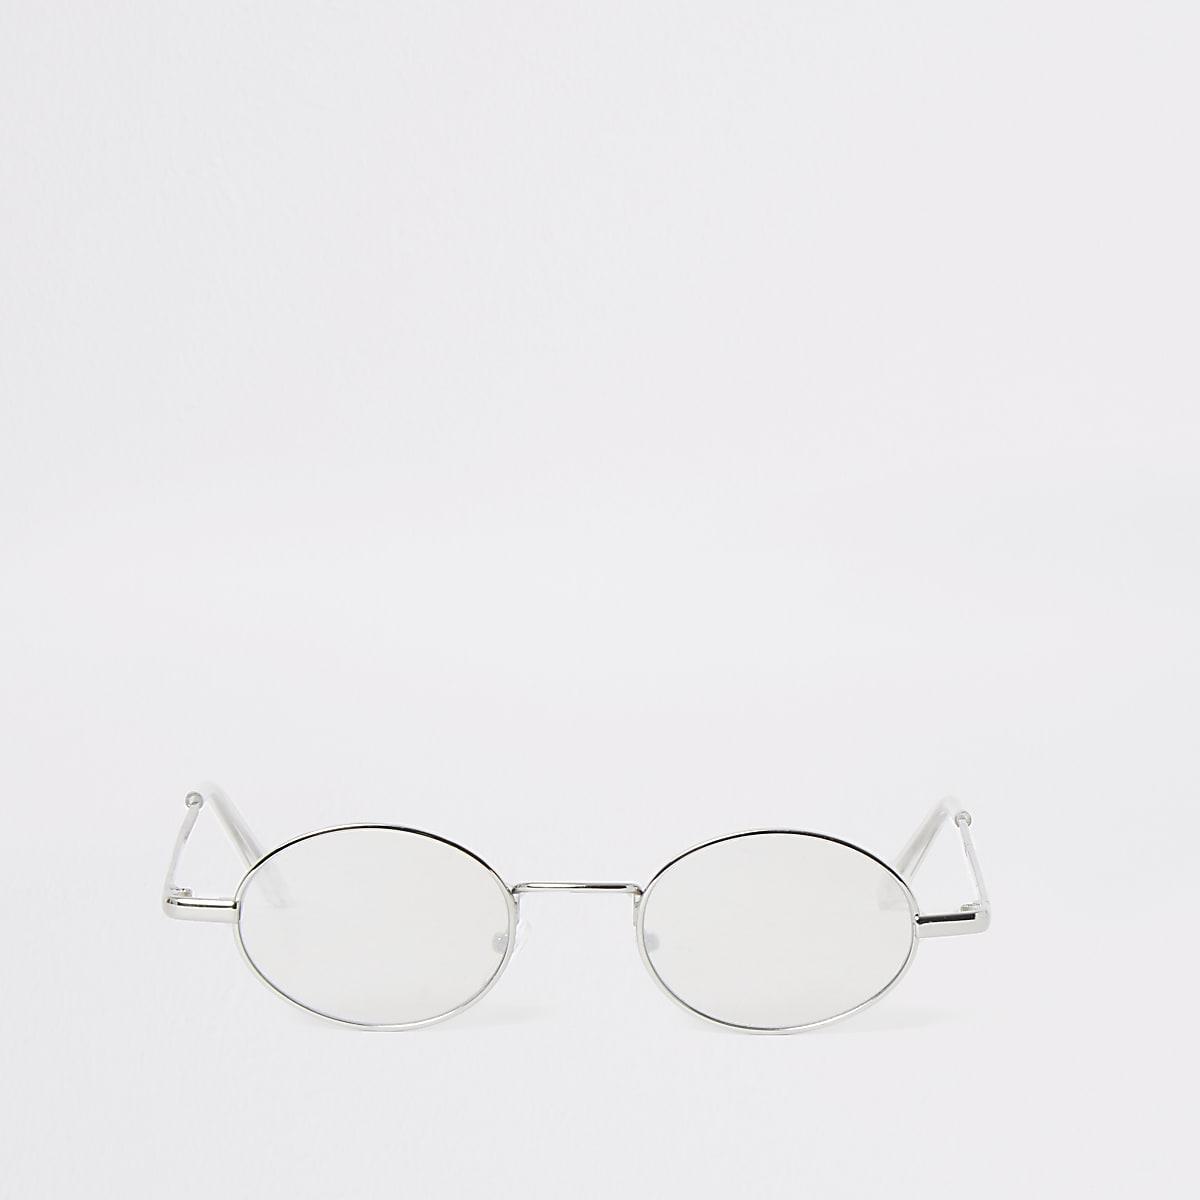 Grijze ovalen retro zonnebril met spiegelglazen